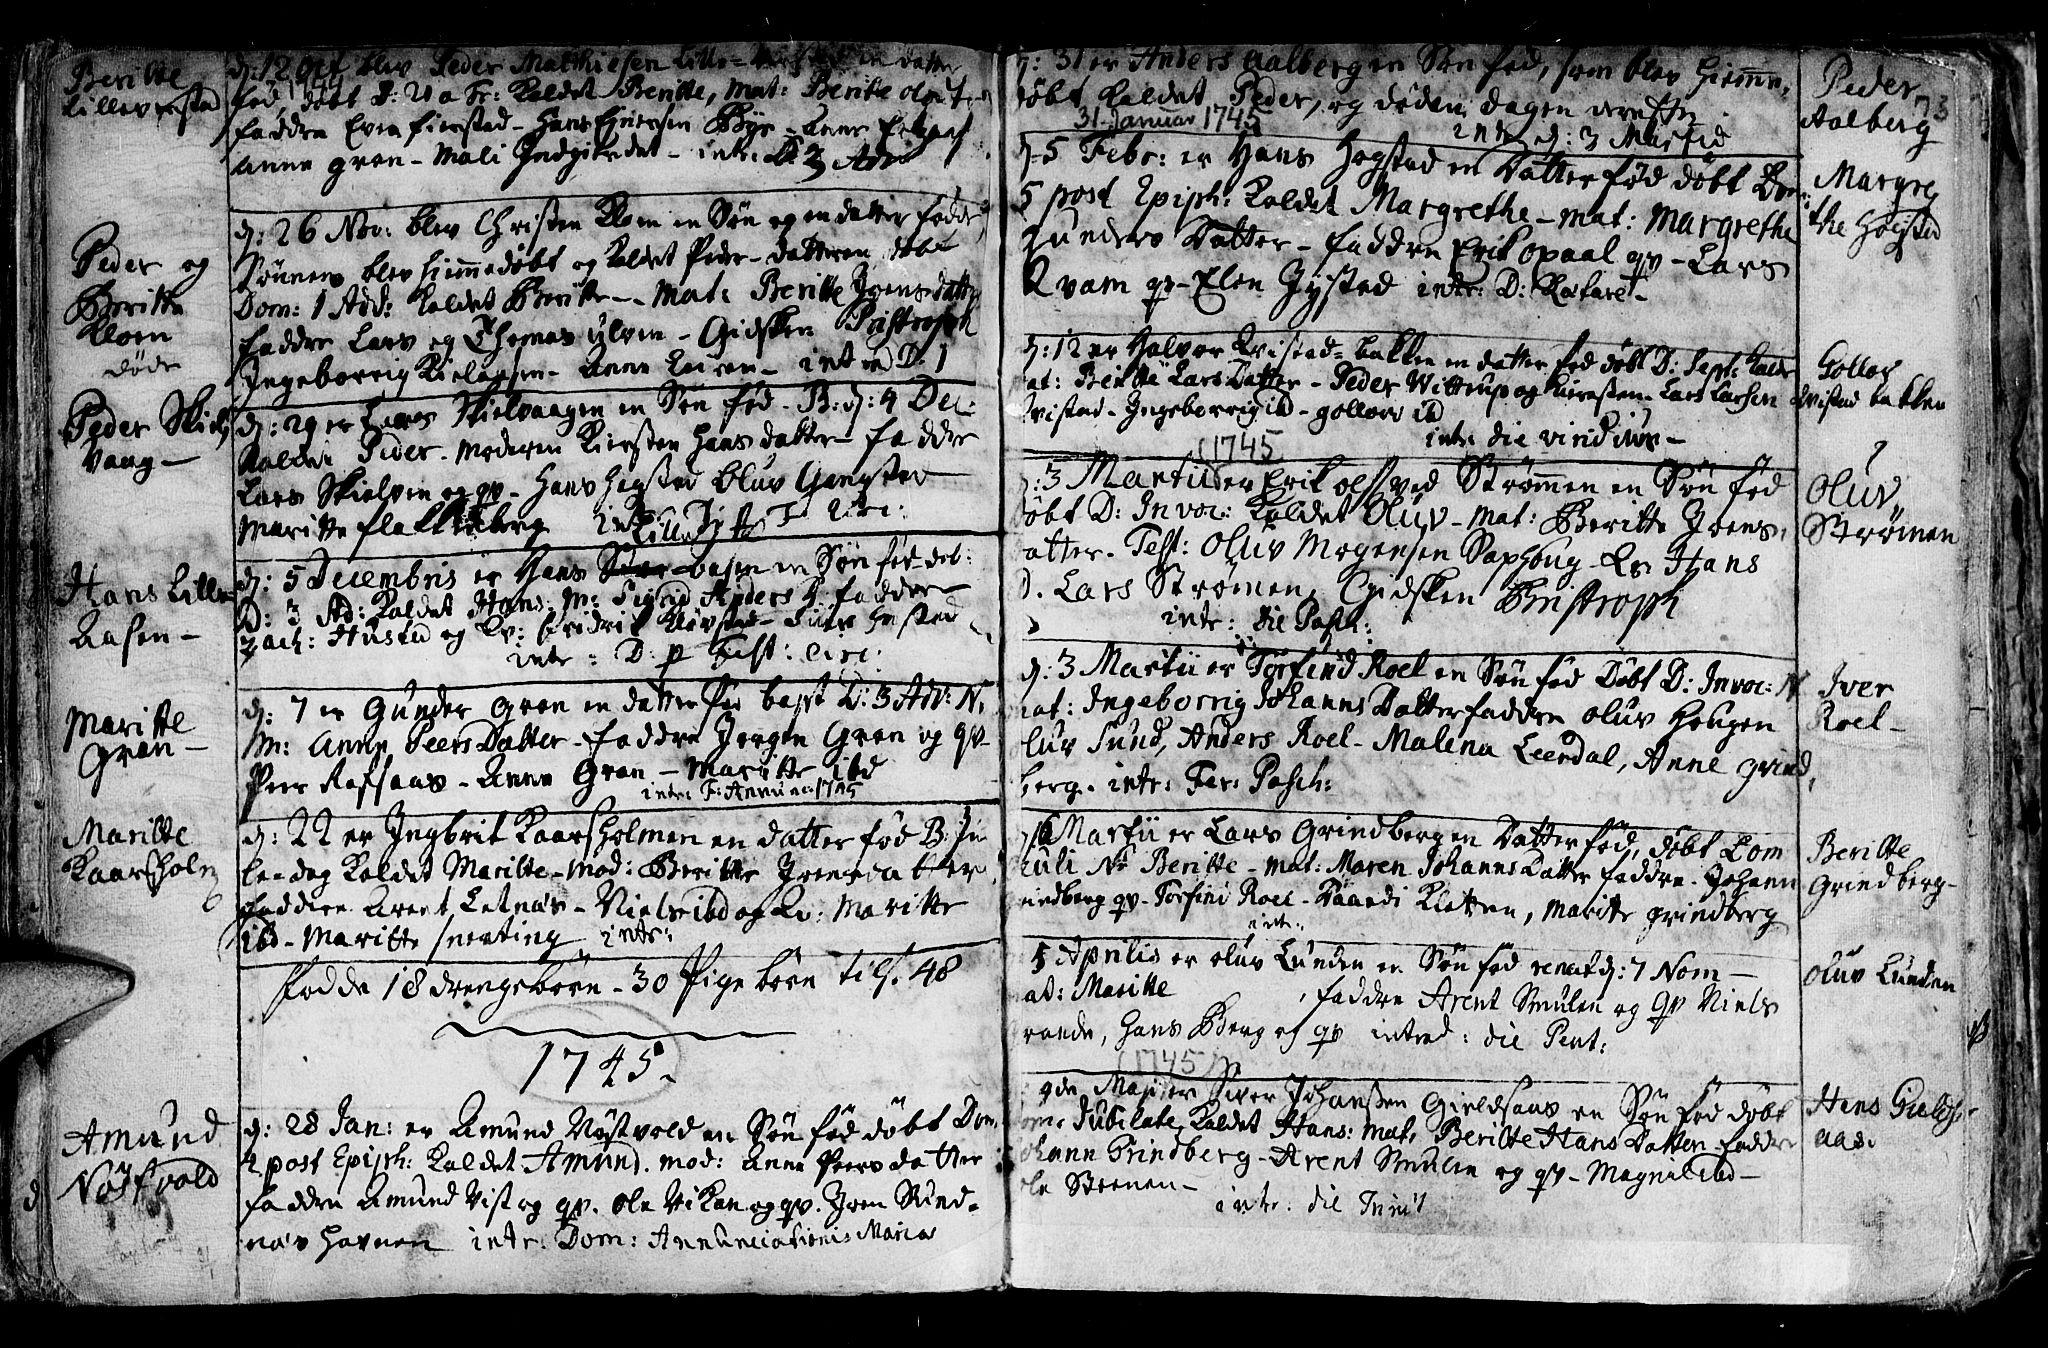 SAT, Ministerialprotokoller, klokkerbøker og fødselsregistre - Nord-Trøndelag, 730/L0272: Ministerialbok nr. 730A01, 1733-1764, s. 73